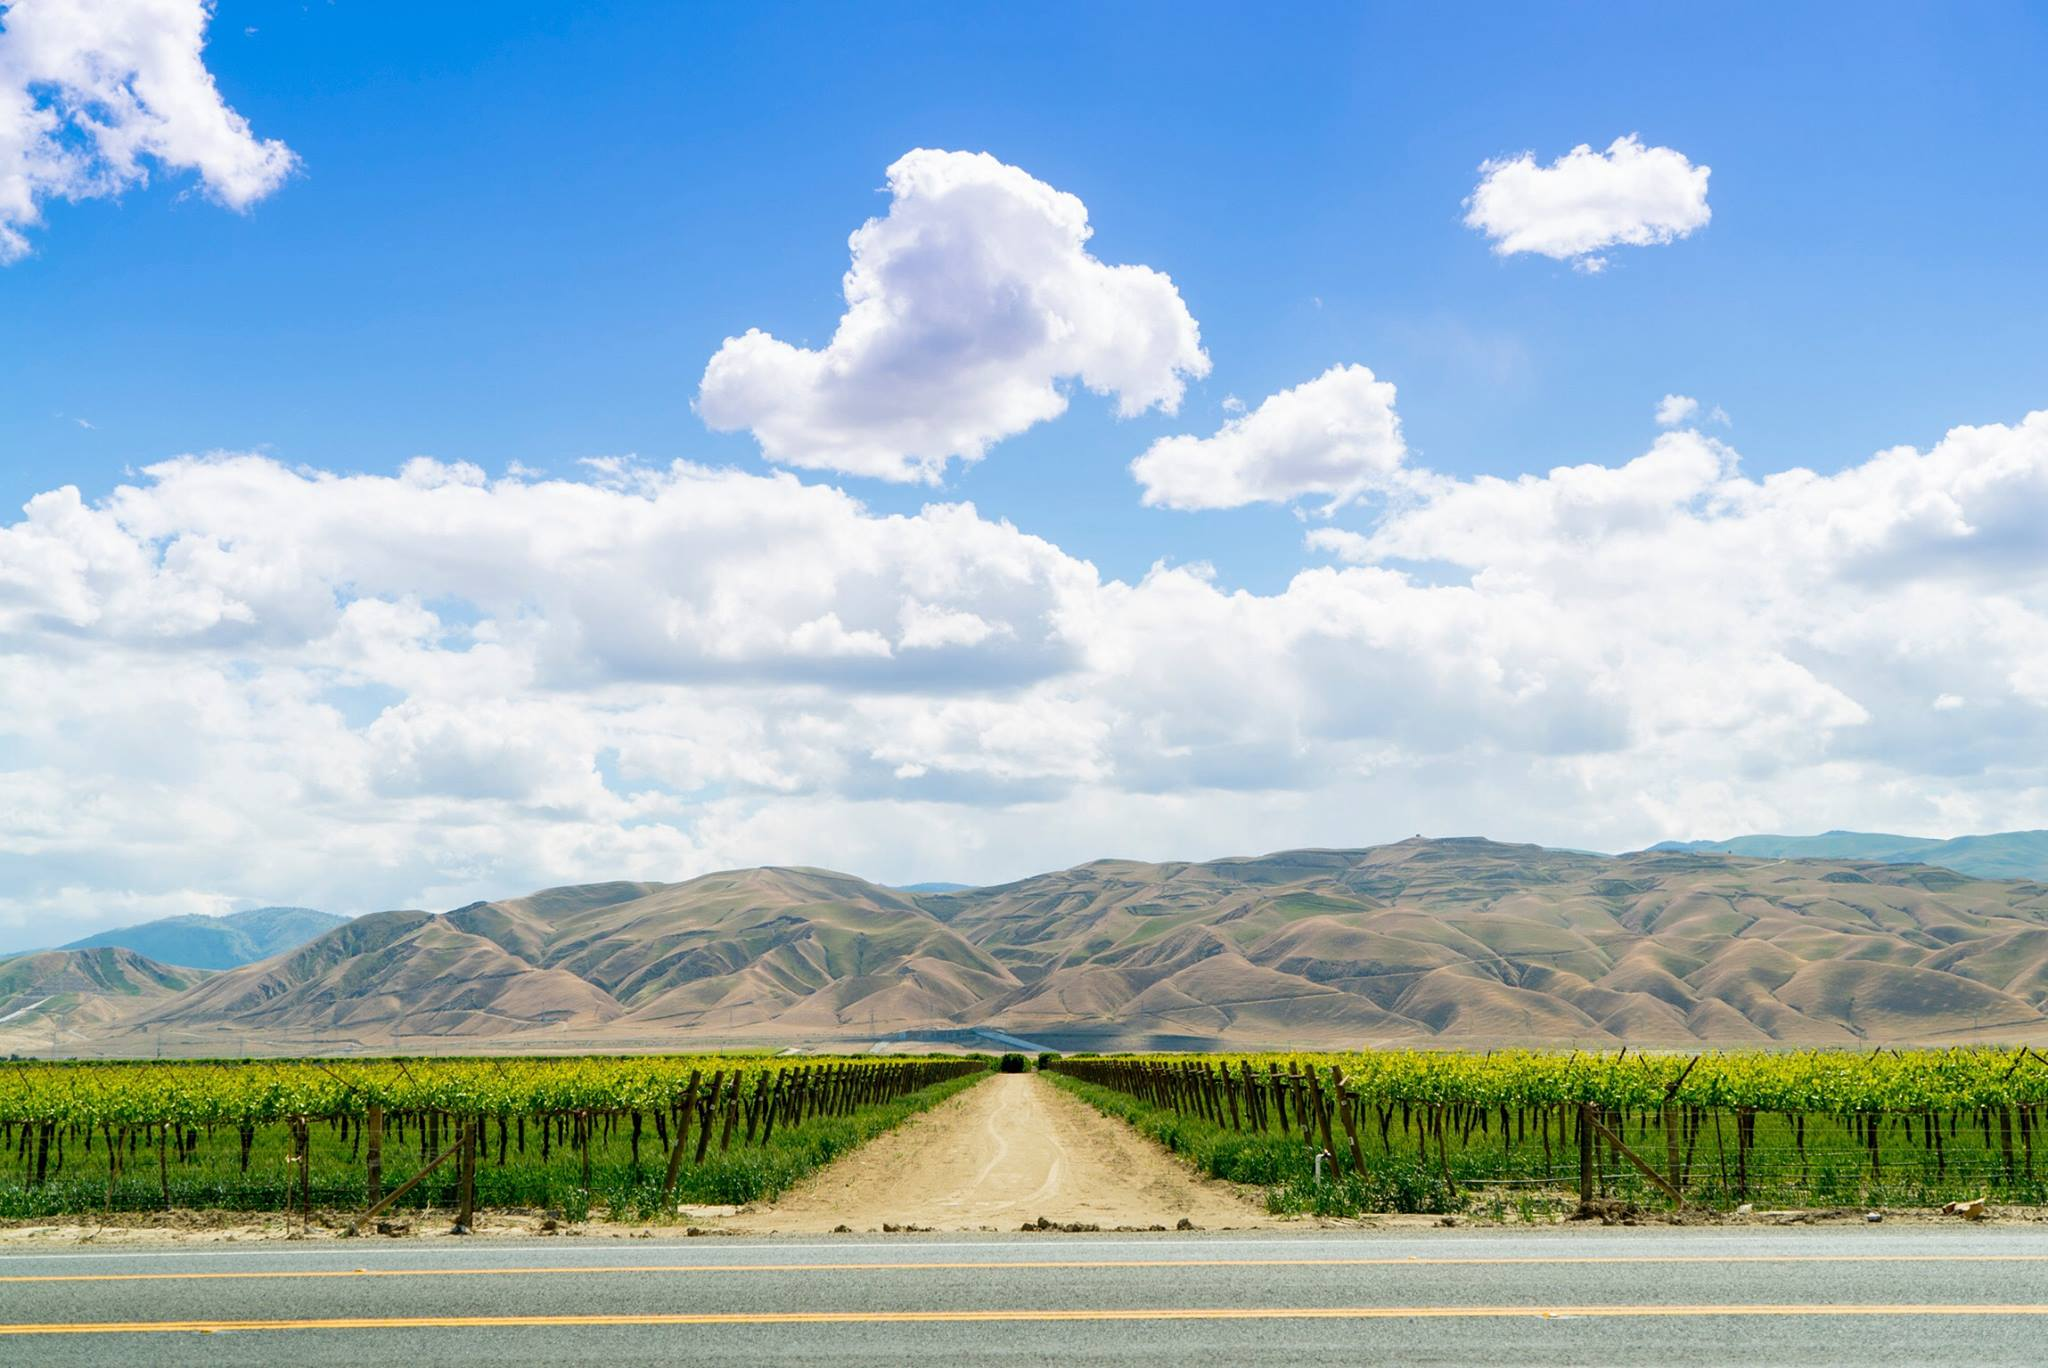 Road_Cali.jpg